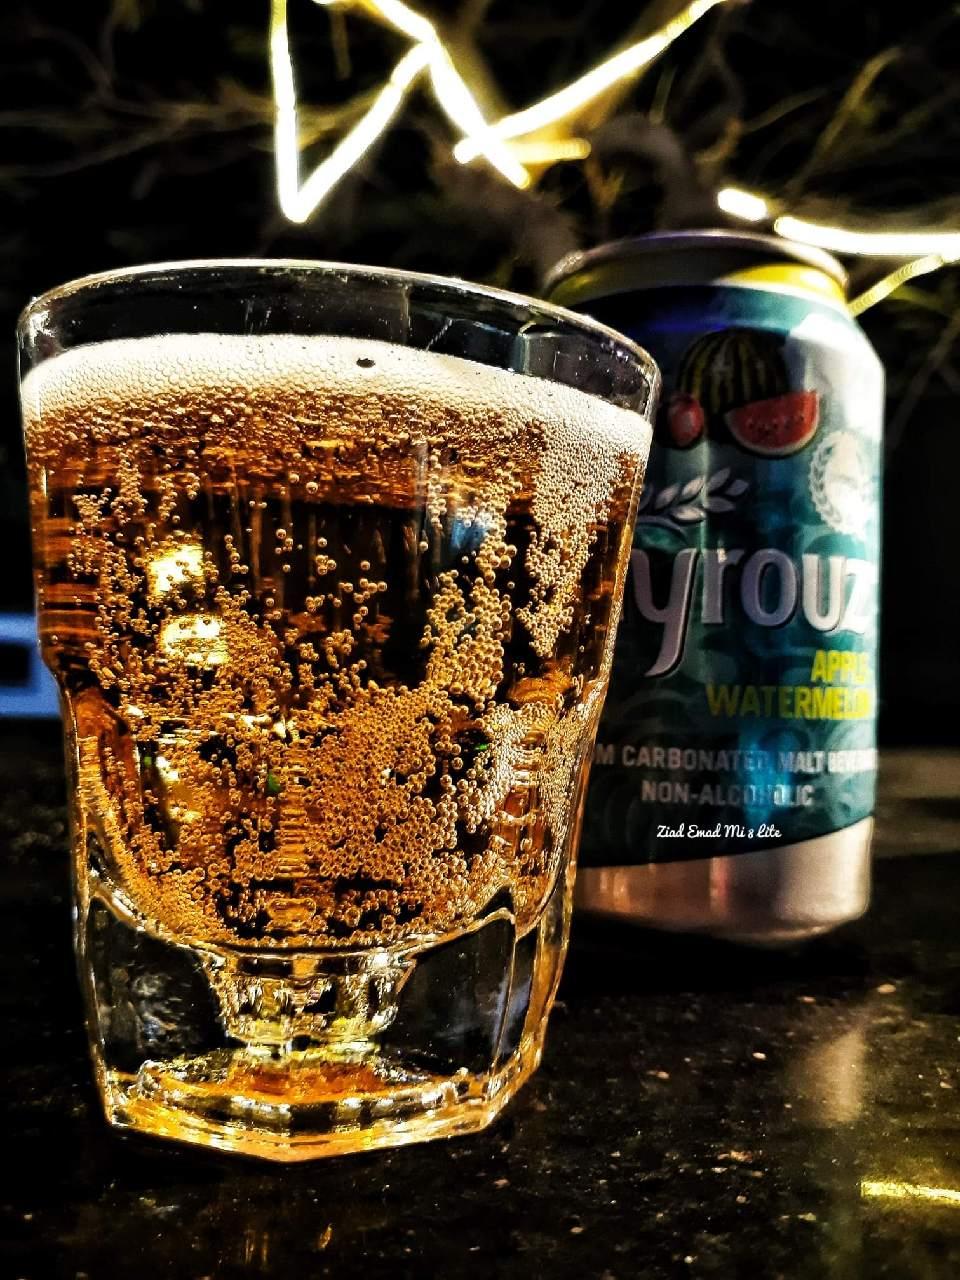 صورة افضل انواع البيرة, و تعرف على البيره جيدا